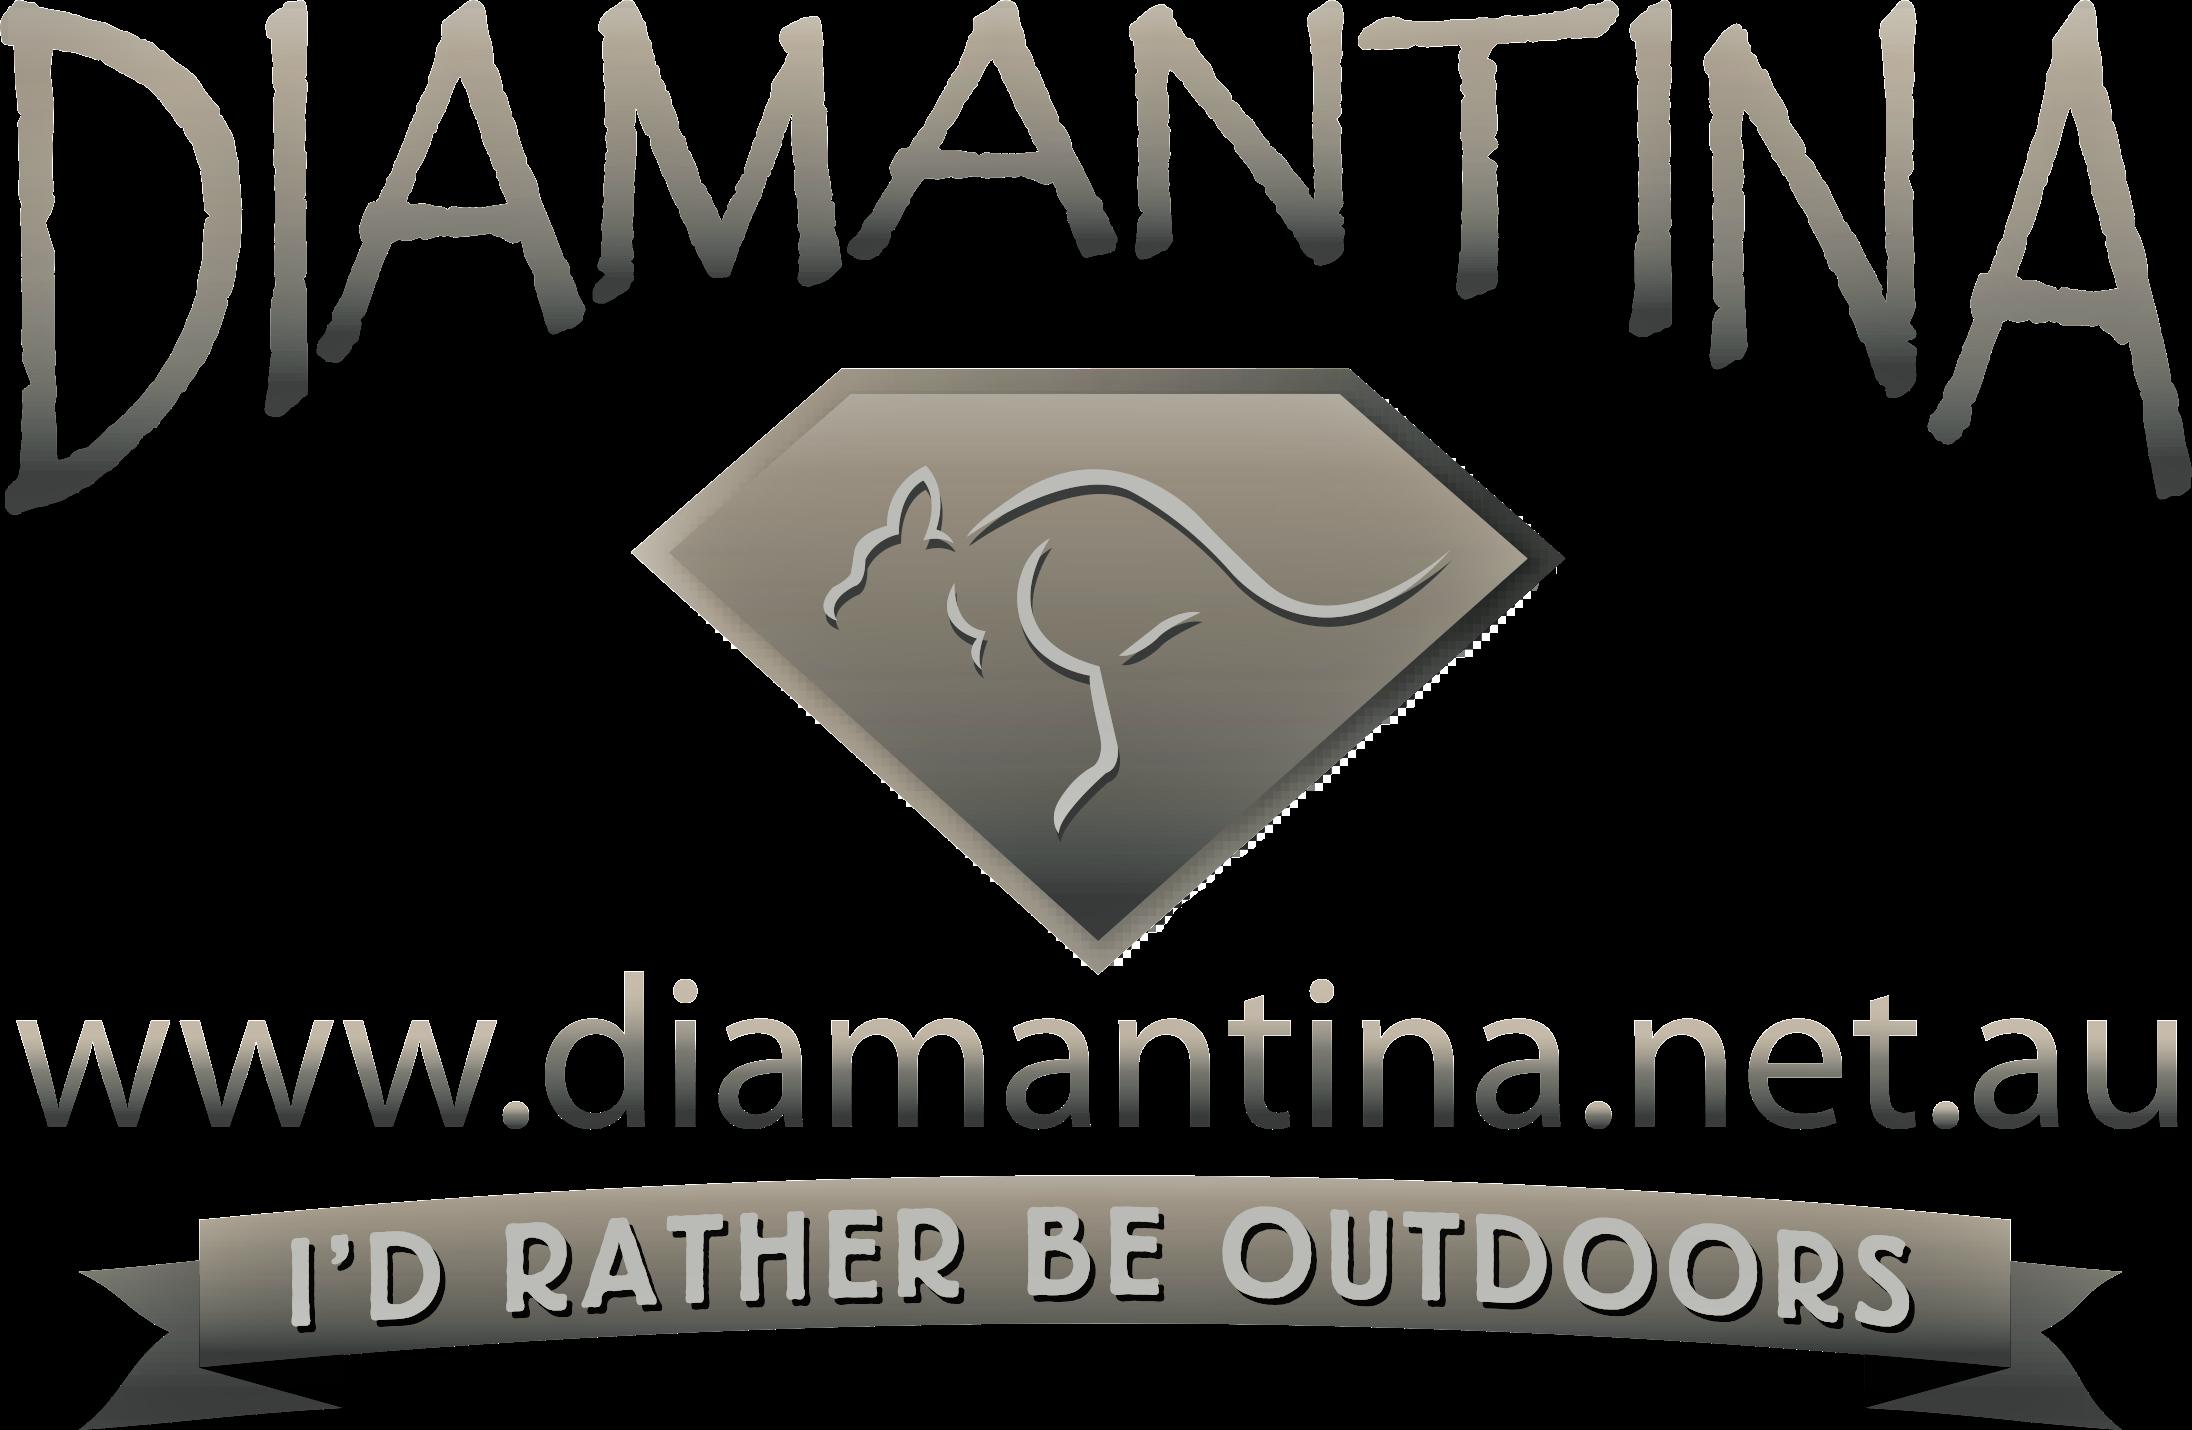 Diamantina Outdoors